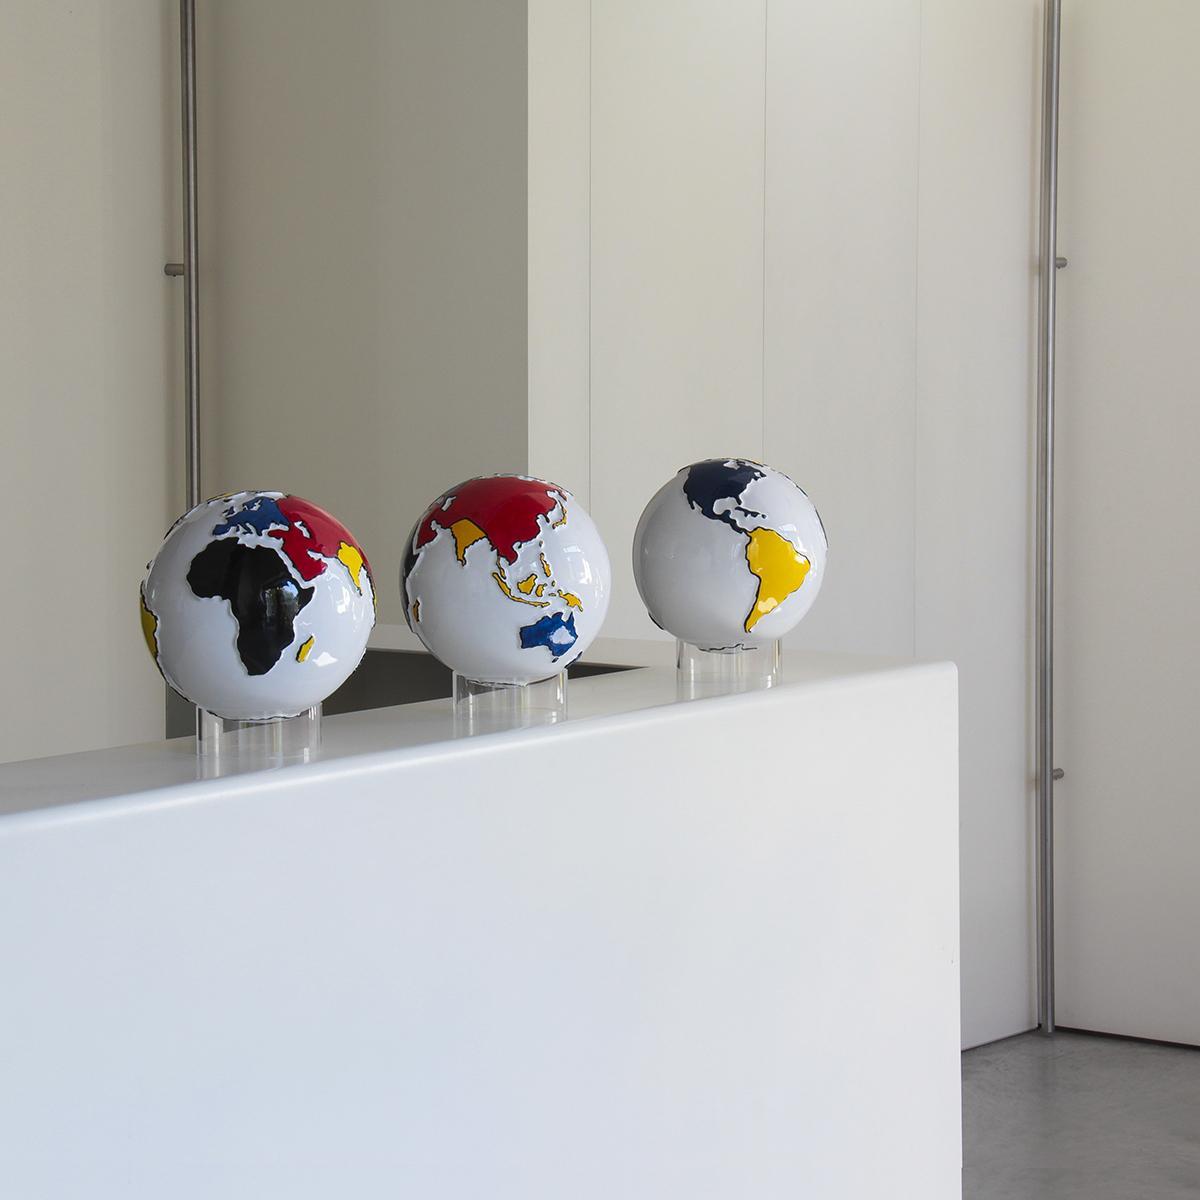 sul bancone della reception sono disposti 3 mappamondi in ceramica decorati con i colori secondo lo stile Mondrian